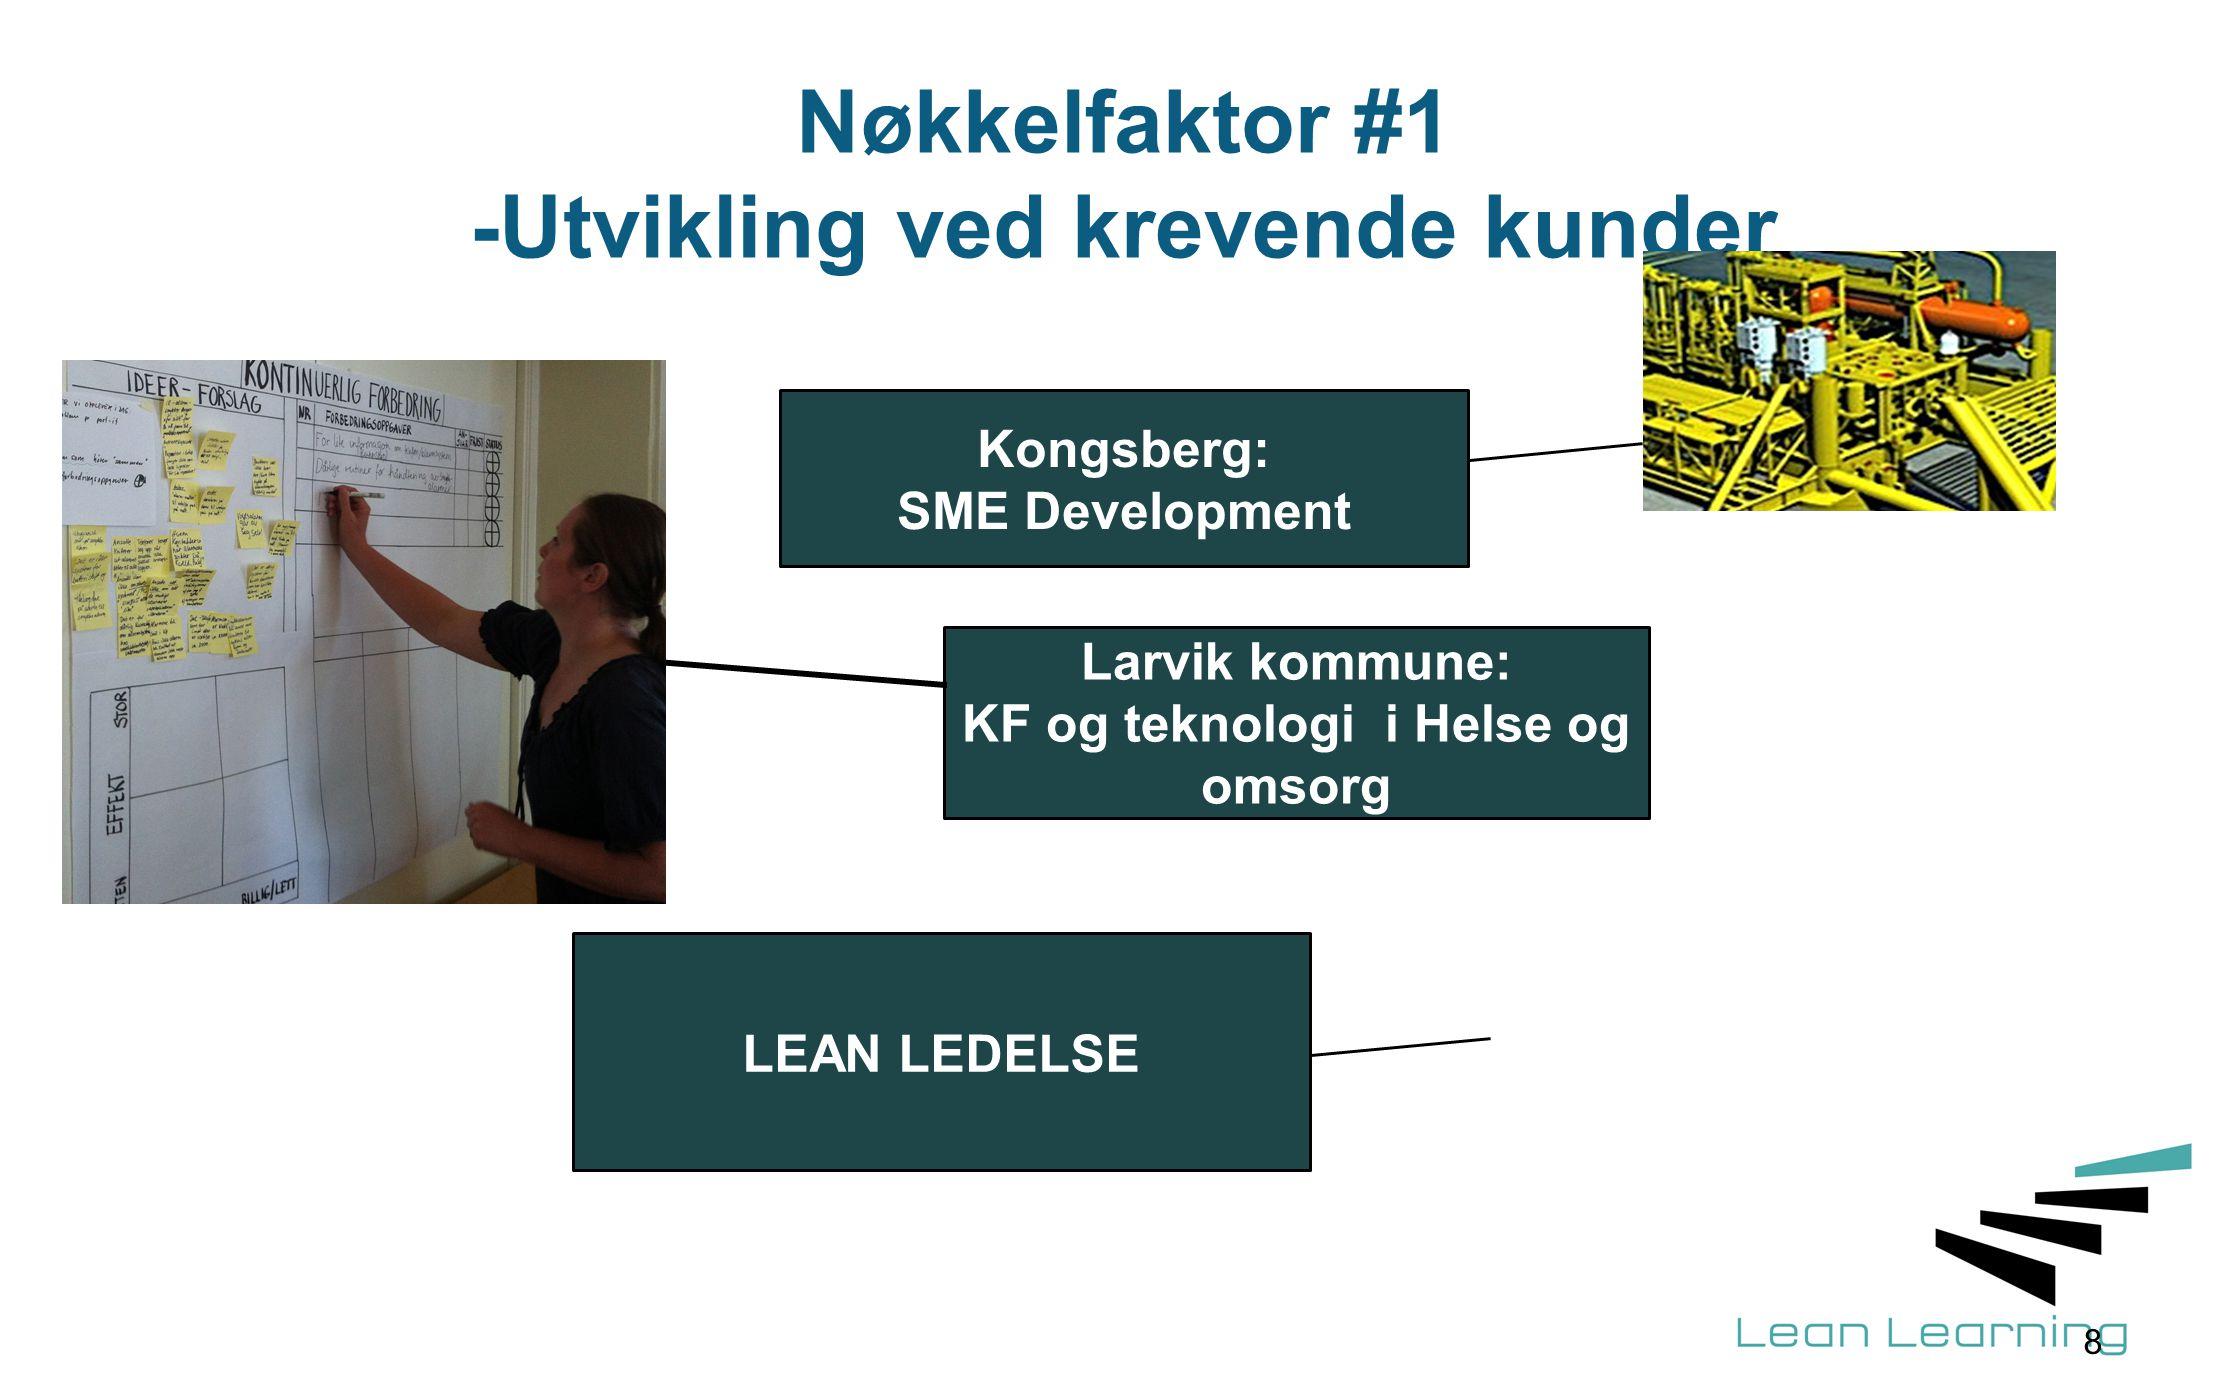 Nøkkelfaktor #1 -Utvikling ved krevende kunder 8 Kongsberg: SME Development Larvik kommune: KF og teknologi i Helse og omsorg LEAN LEDELSE